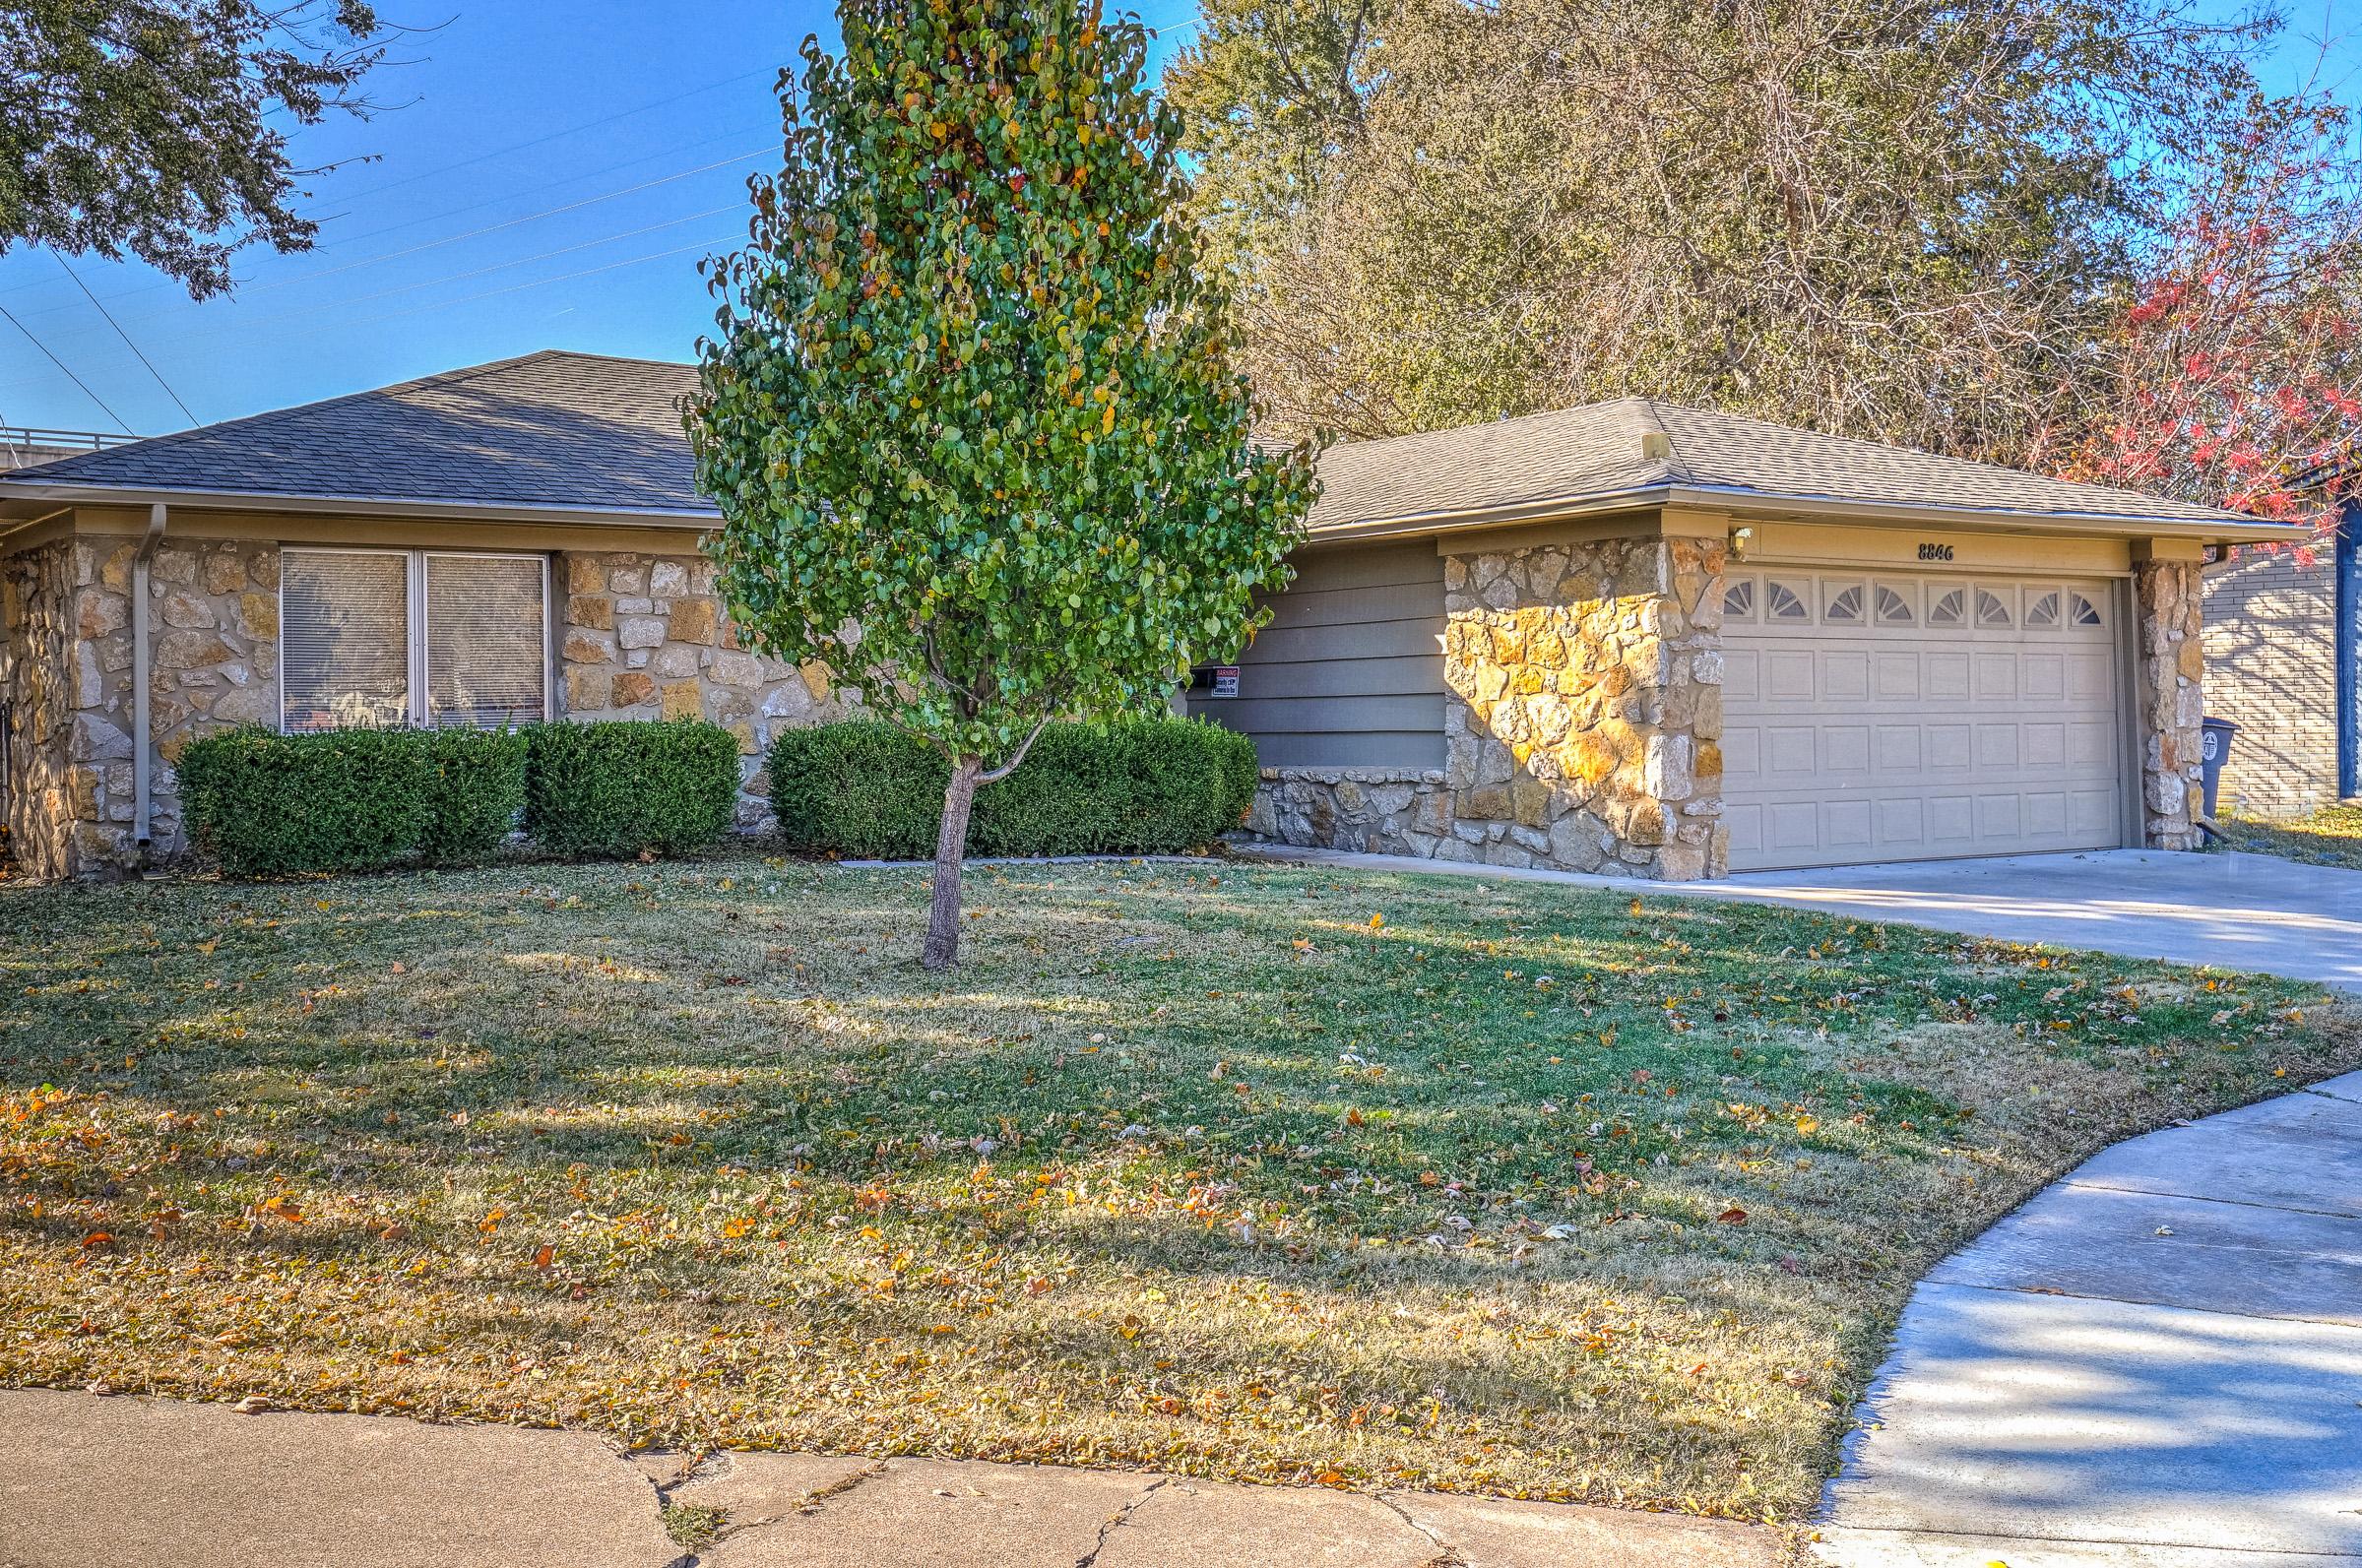 8846 E 40th Place Property Photo